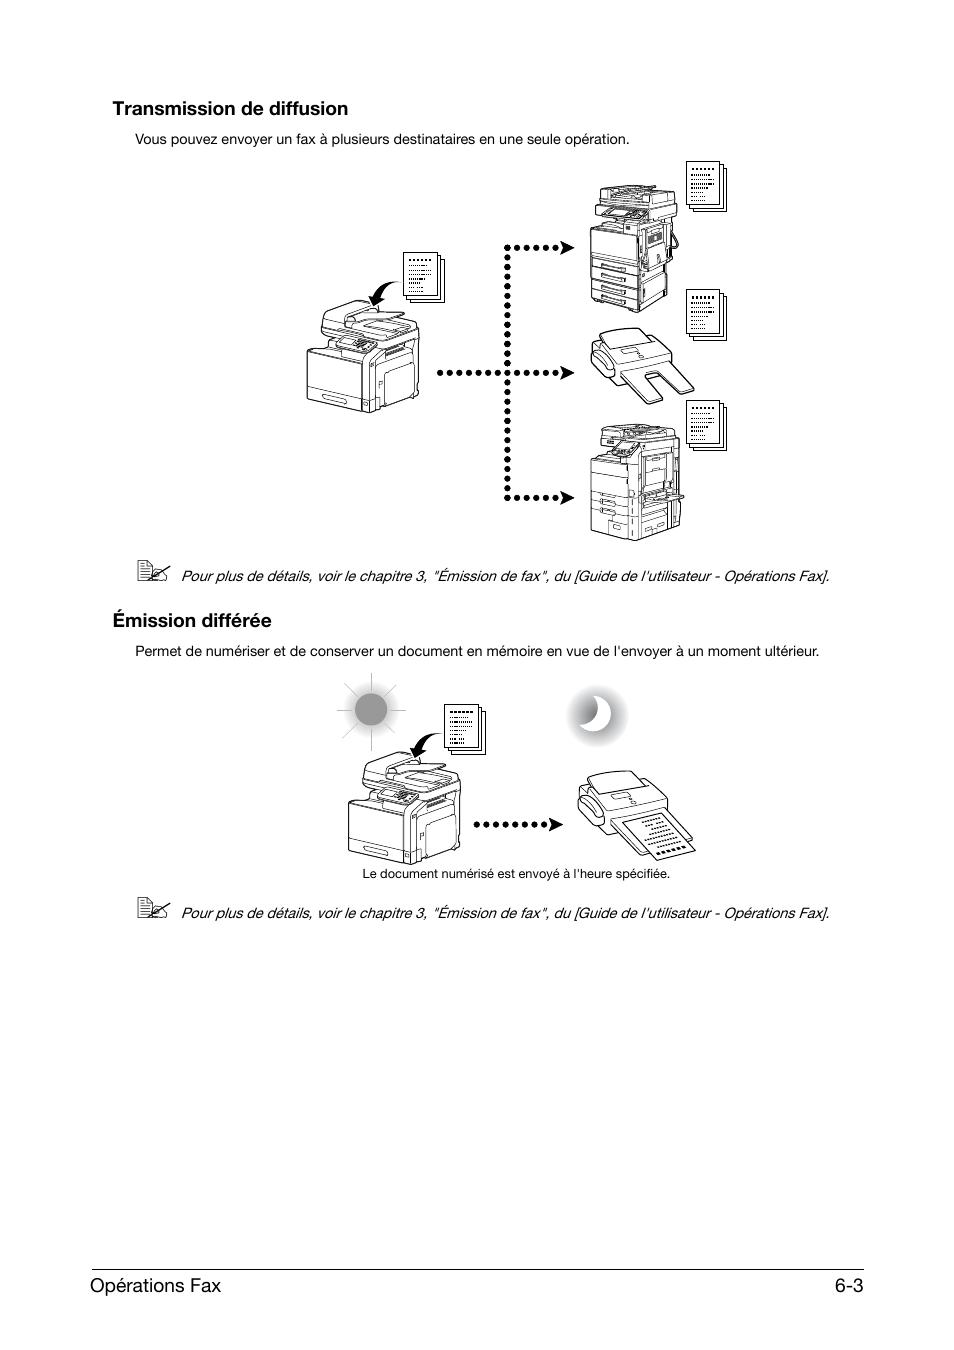 Transmission de diffusion, Émission différée, Transmission